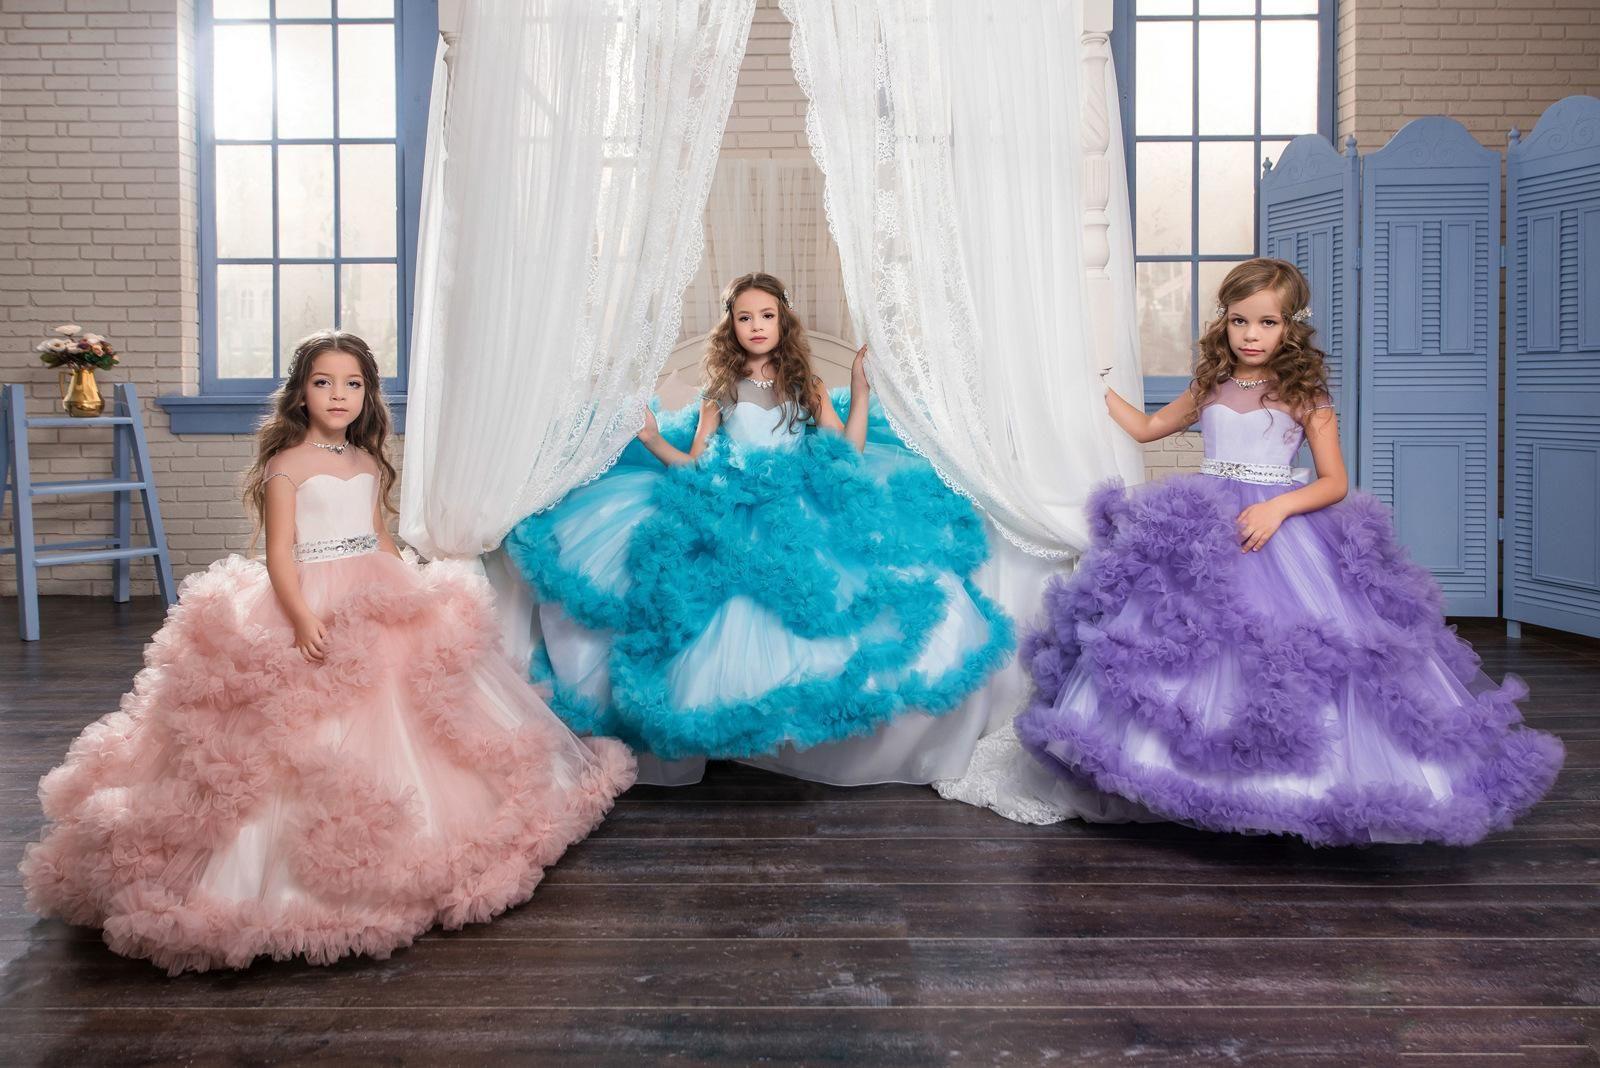 Çarpıcı Çiçek Kız V-Geri Lüks Kristal Yaka ve Kemer Elbise Kızlar için Uzun Pageant Tül Abiye 2-12 Yaşında